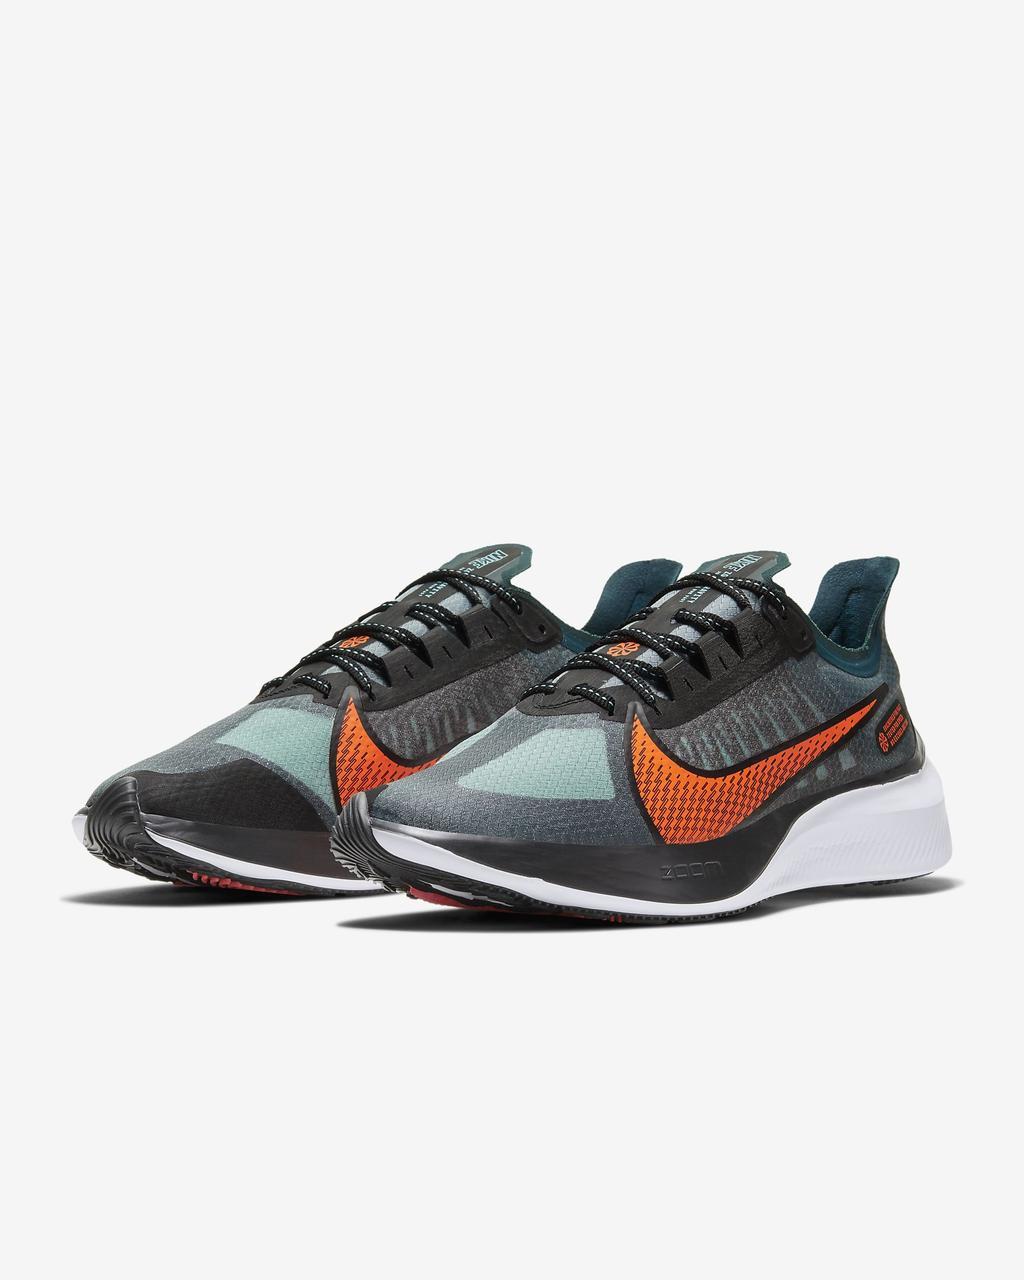 NIKE ZOOM GRAVITY Оригинальные беговые кроссовки бирюзовые оранж сетка мужская обувь большой размер BQ3202-300